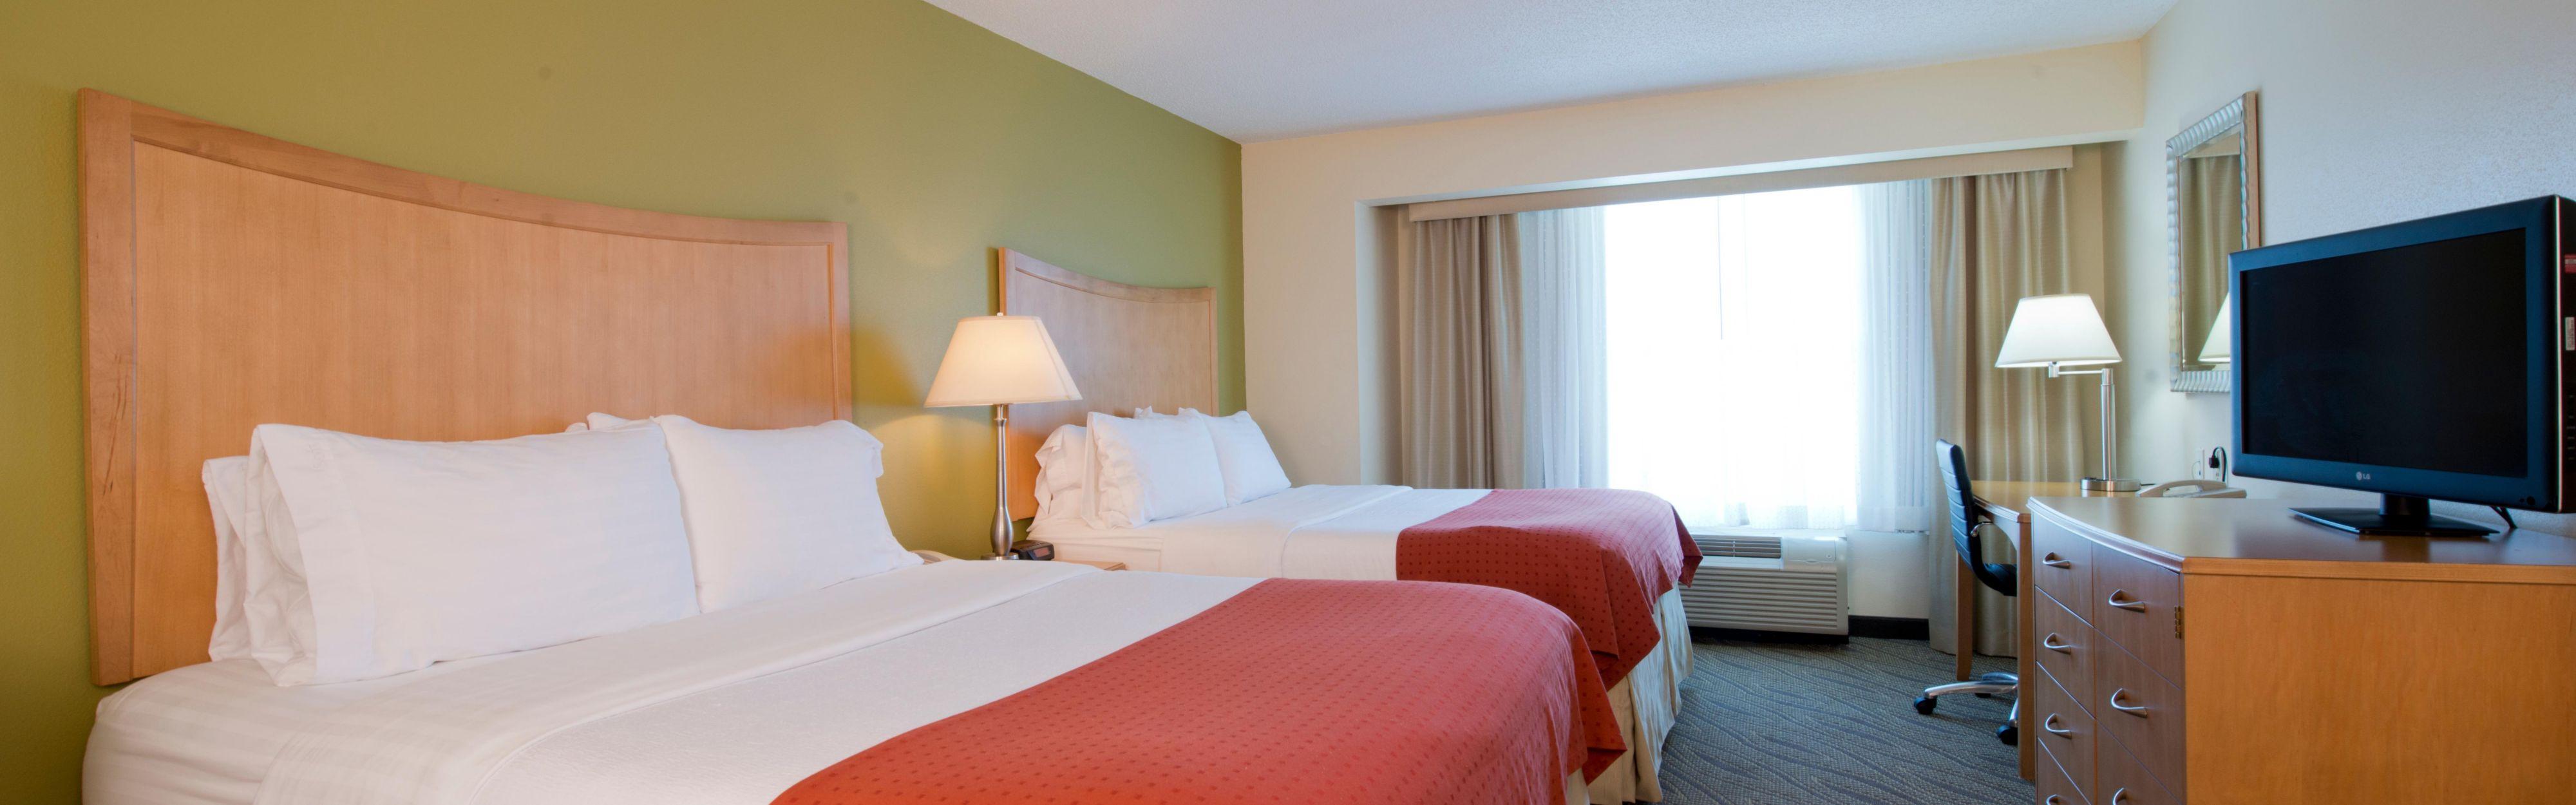 Holiday Inn Hotel U0026 Suites Savannah Airport   Pooler Hotel By IHG